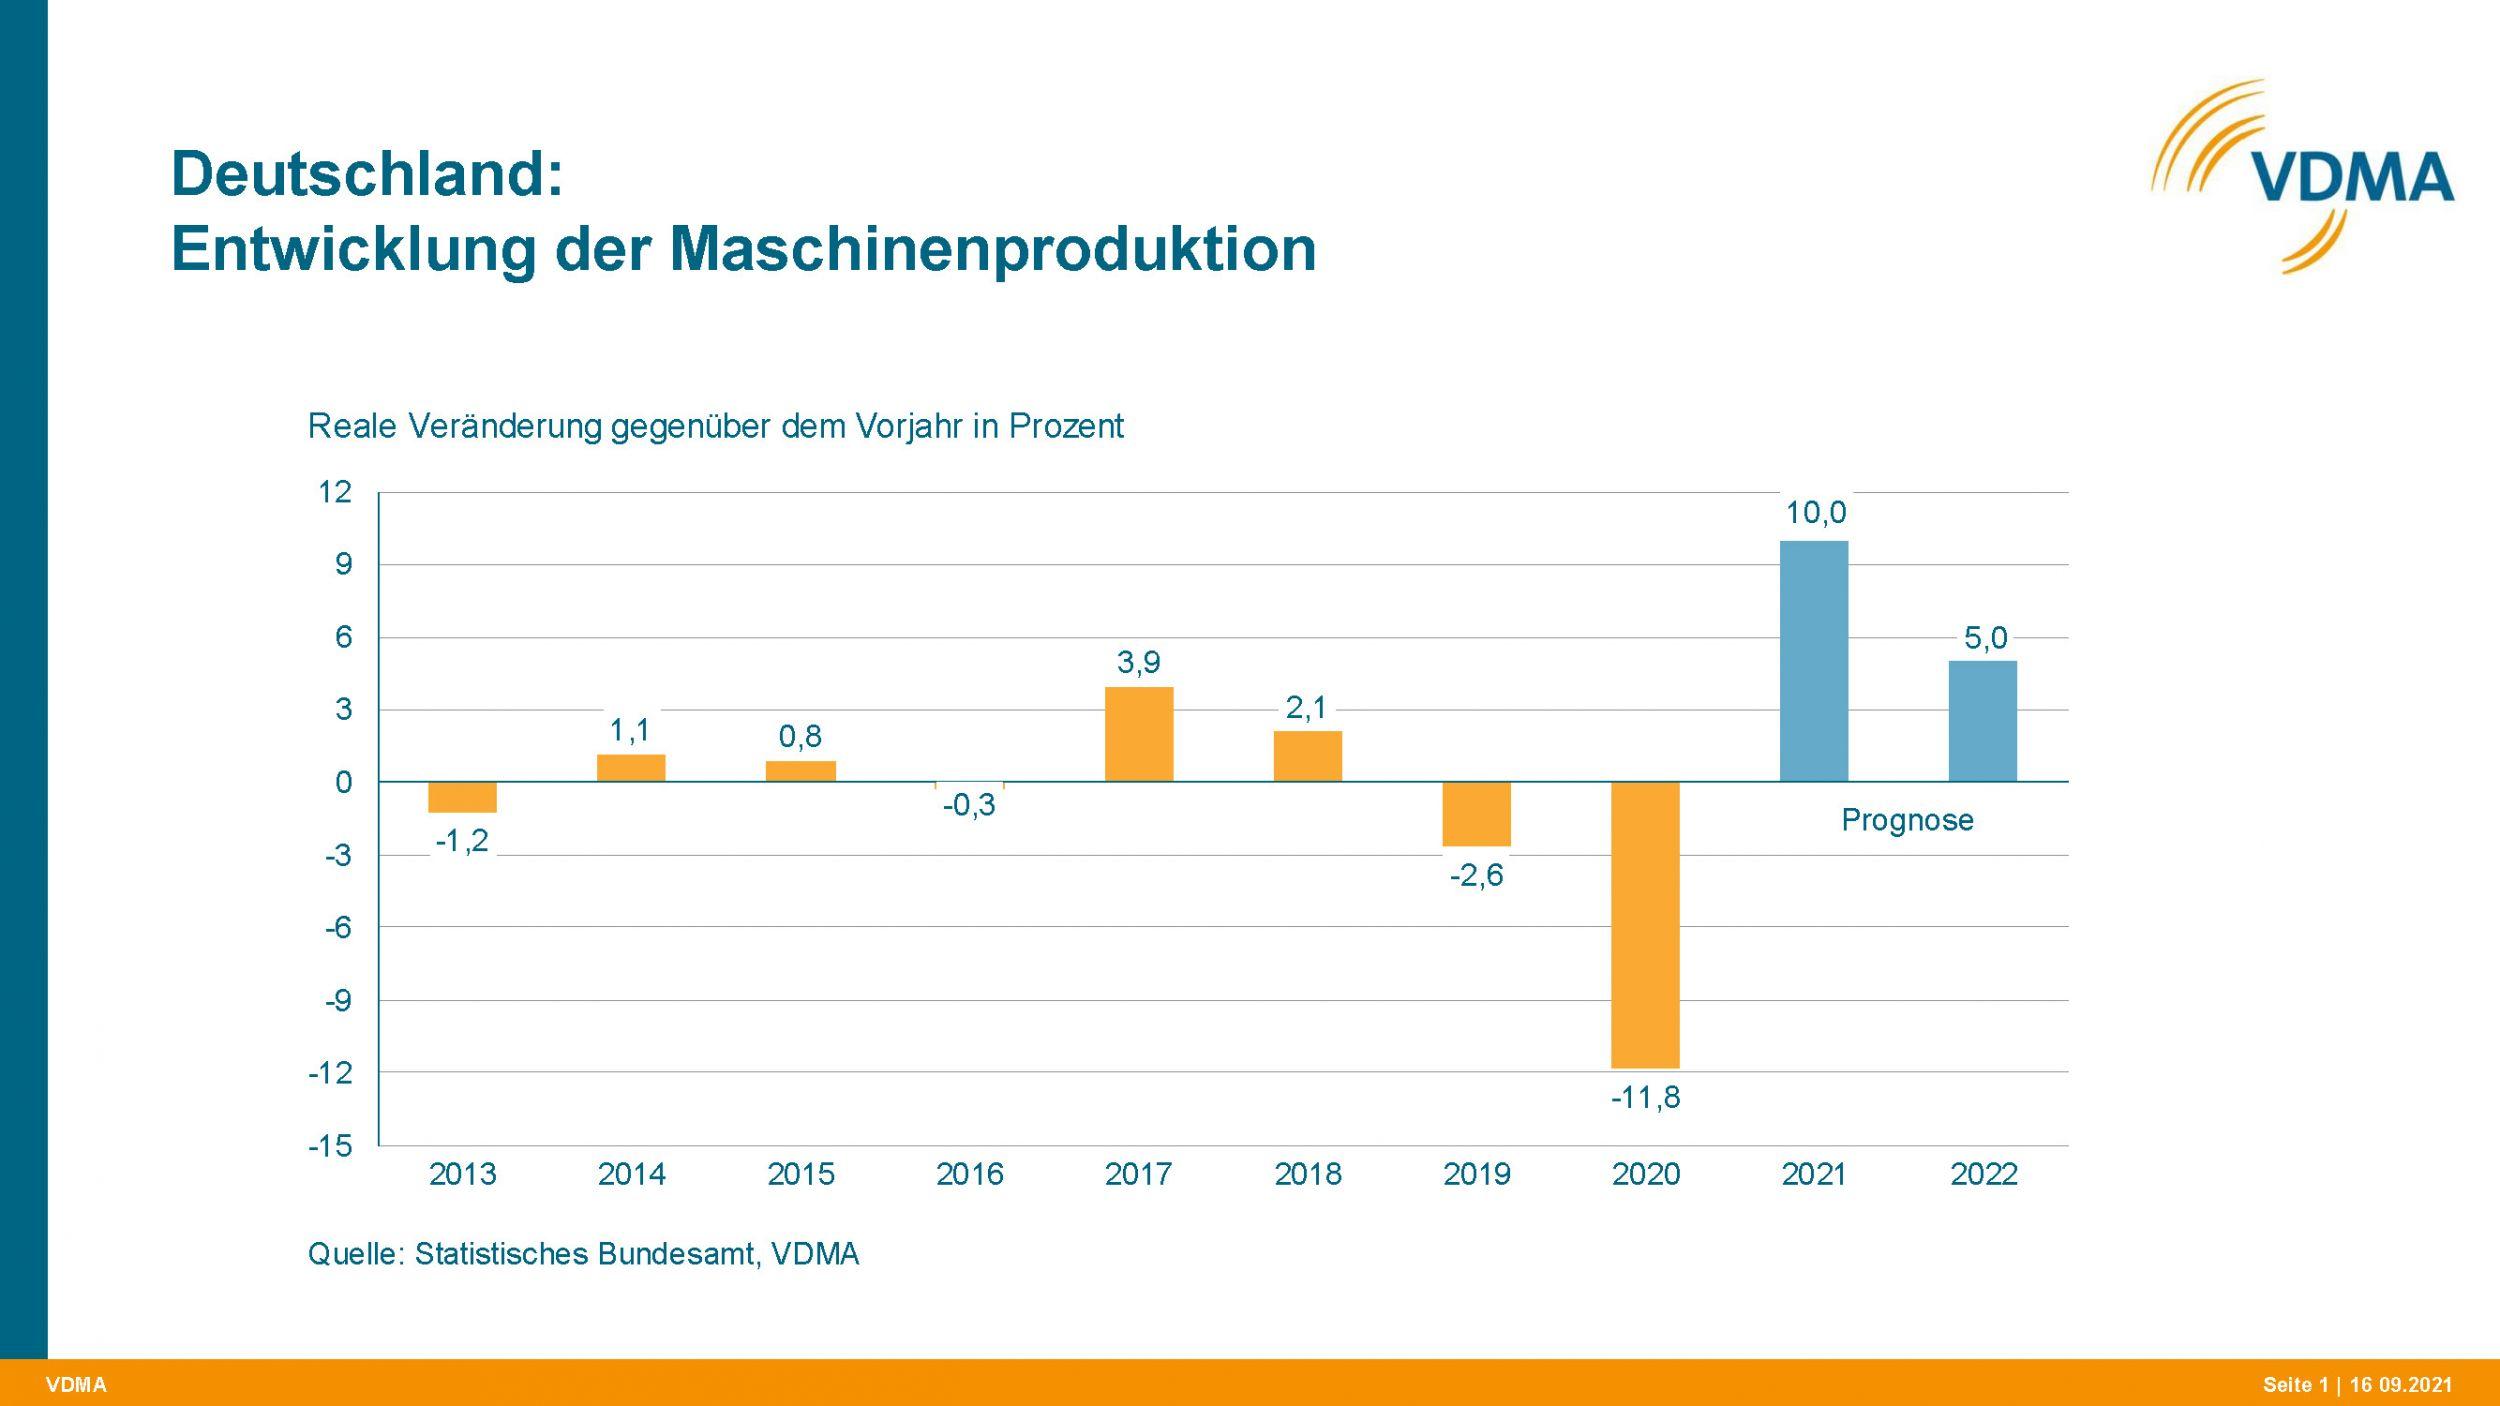 Maschinen- und Anlagenbau erwartet 2022 Produktionsplus  von 5%